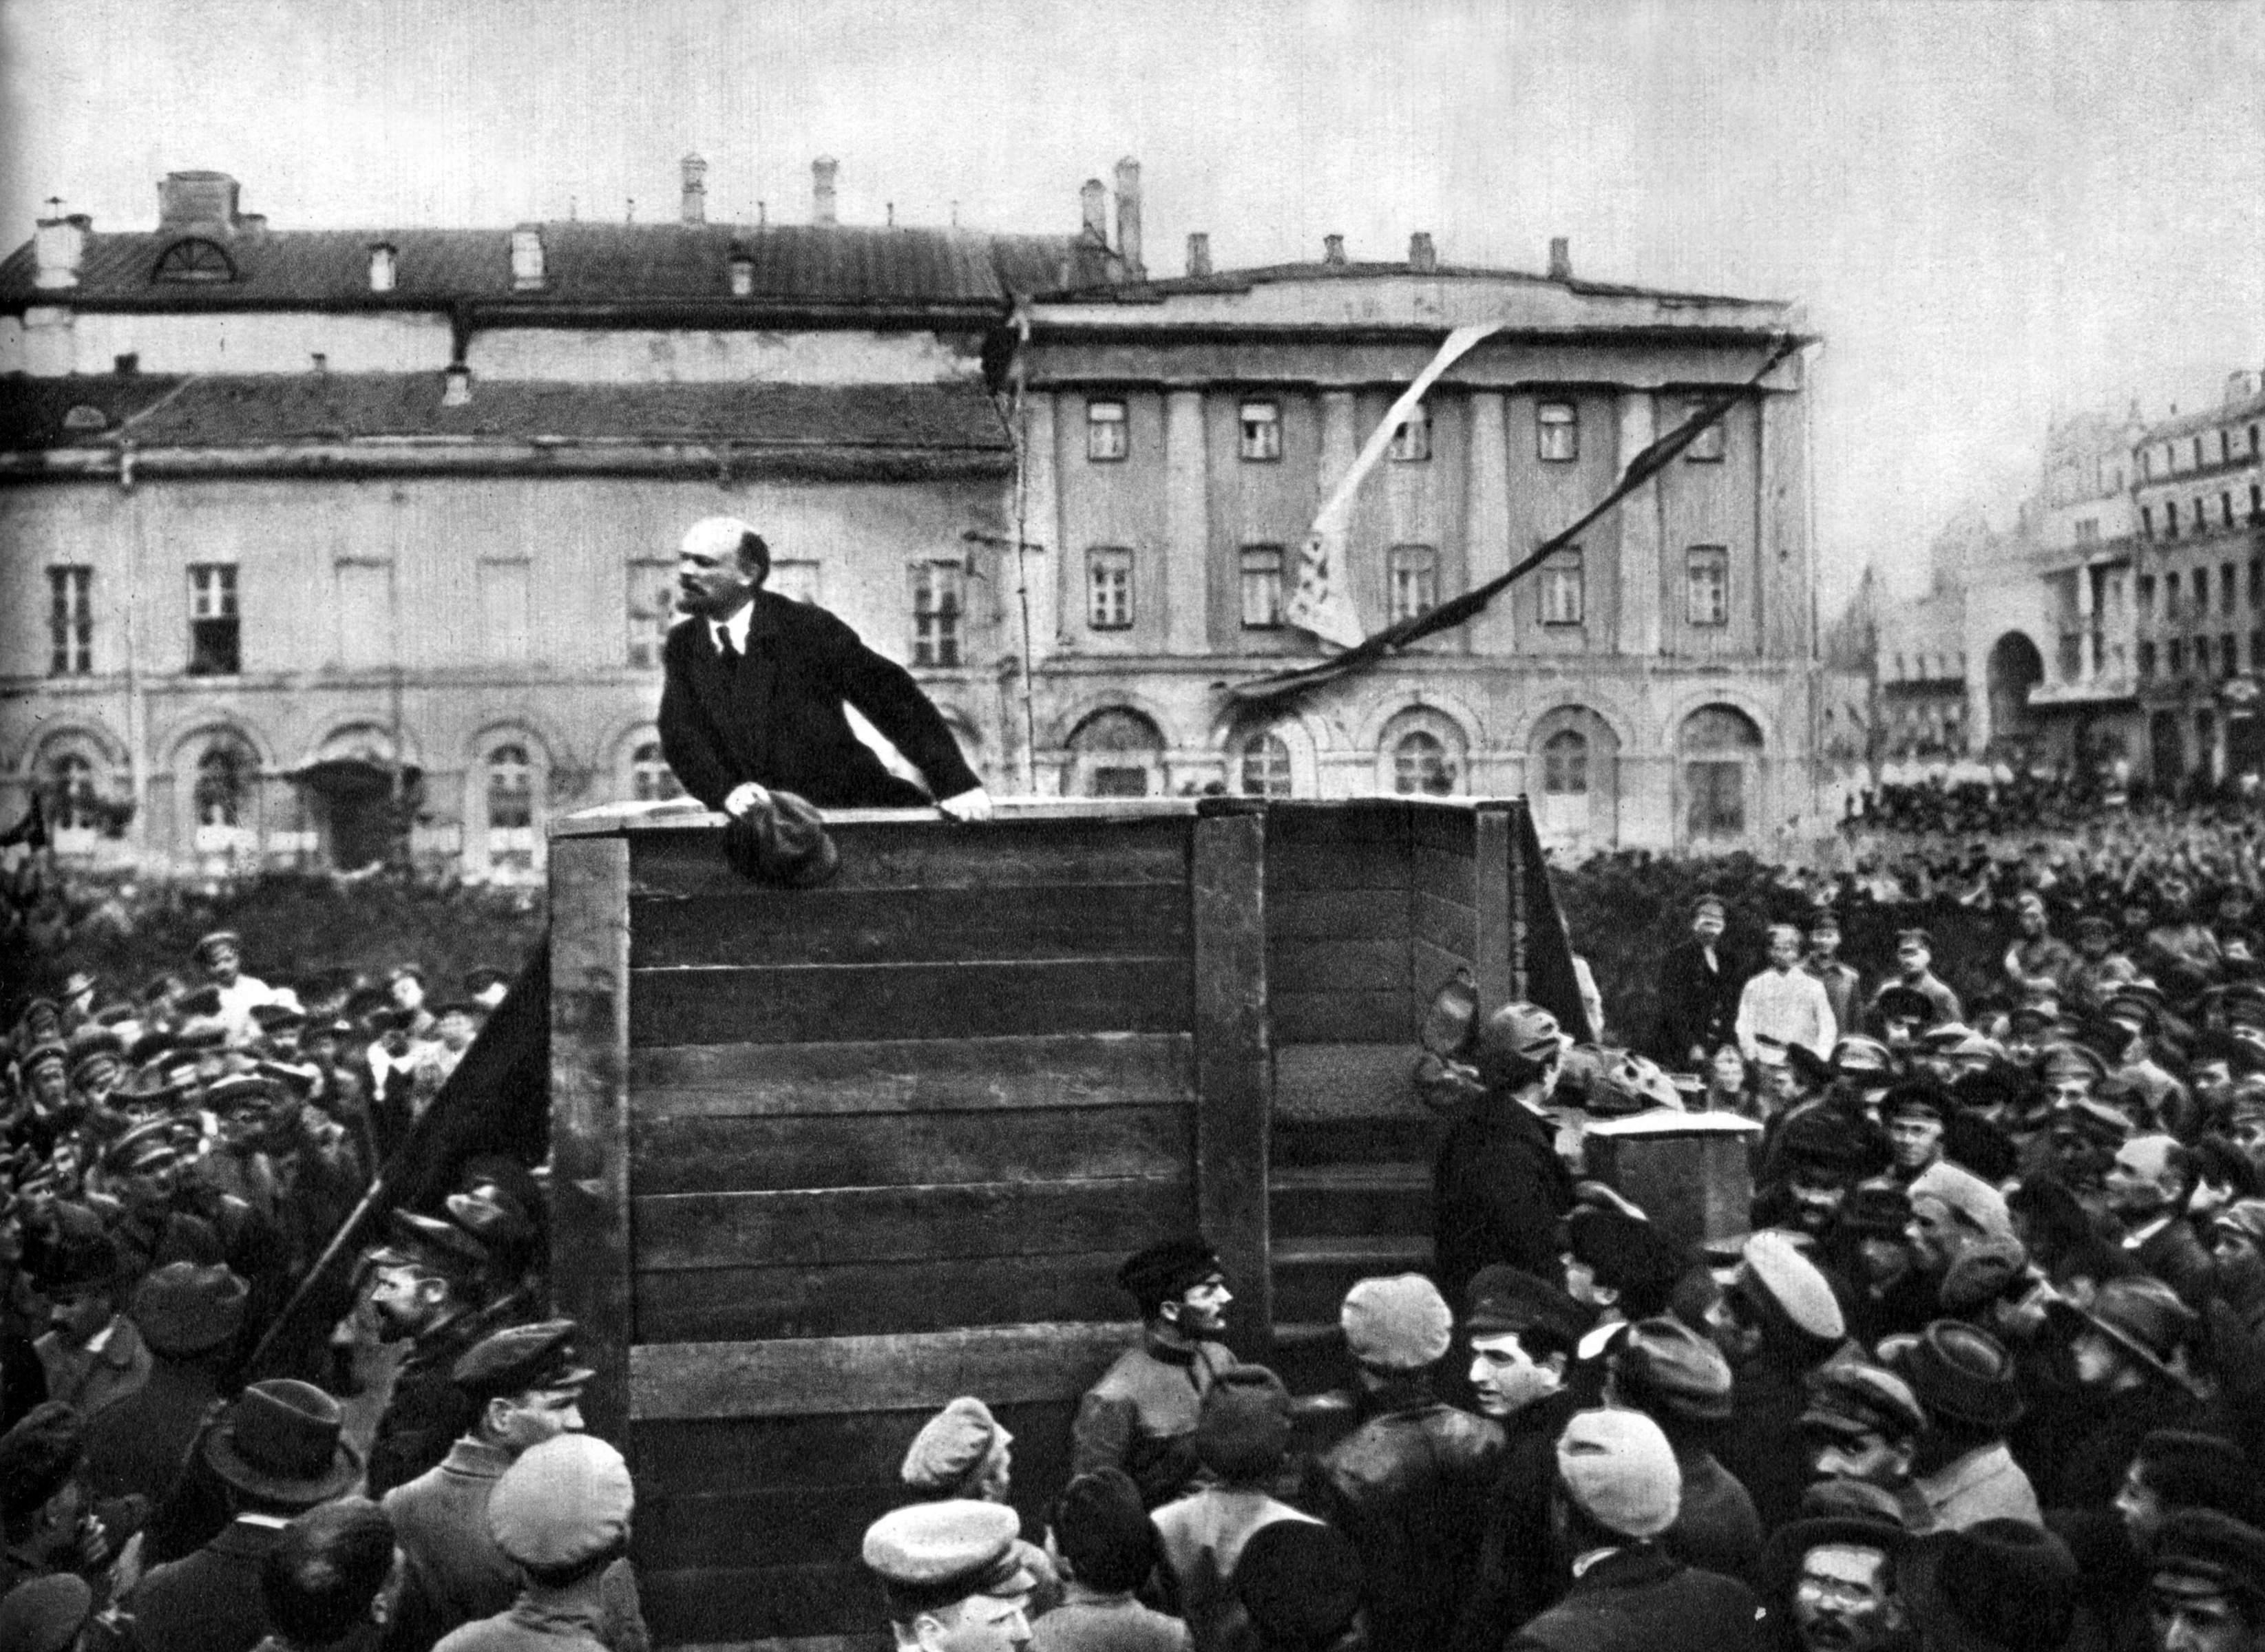 Фотогалерея - Вид категории: 1920 год - Фото: В.И.Ленин выступает перед войсками, отправляющимися на фронт